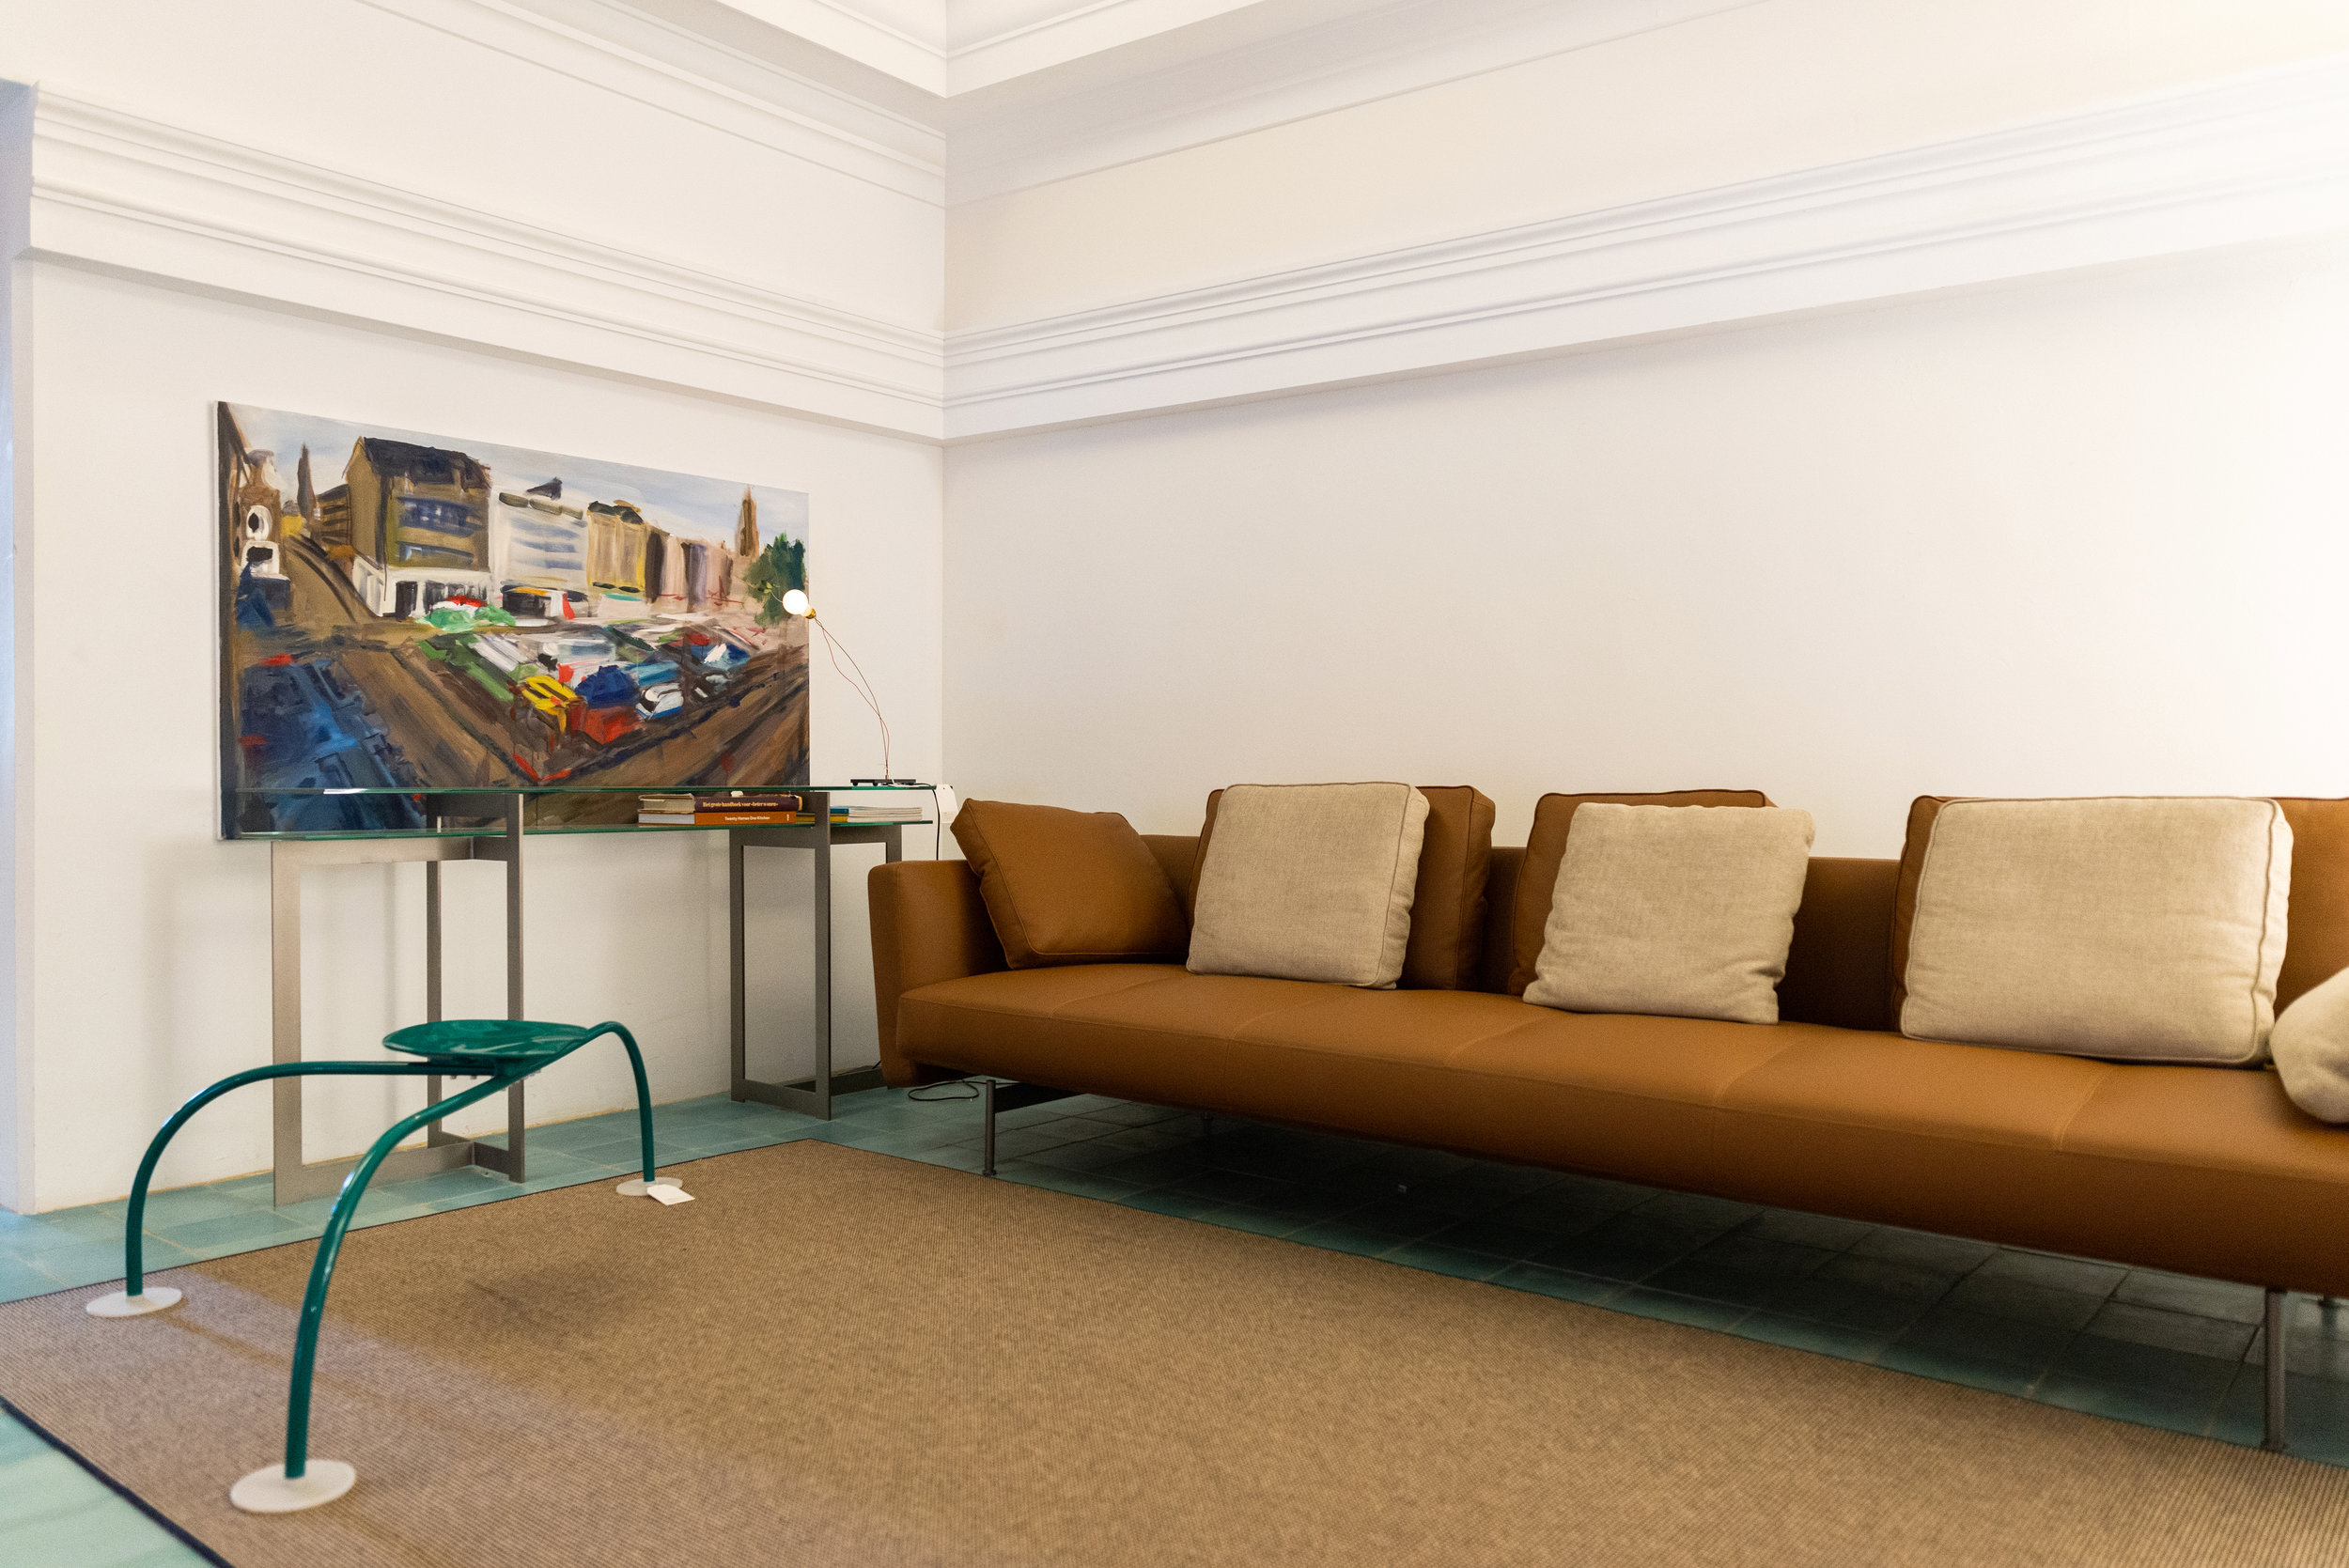 Nu te zien bij - Vos Interieur / Galerie Ann's Art Groningen